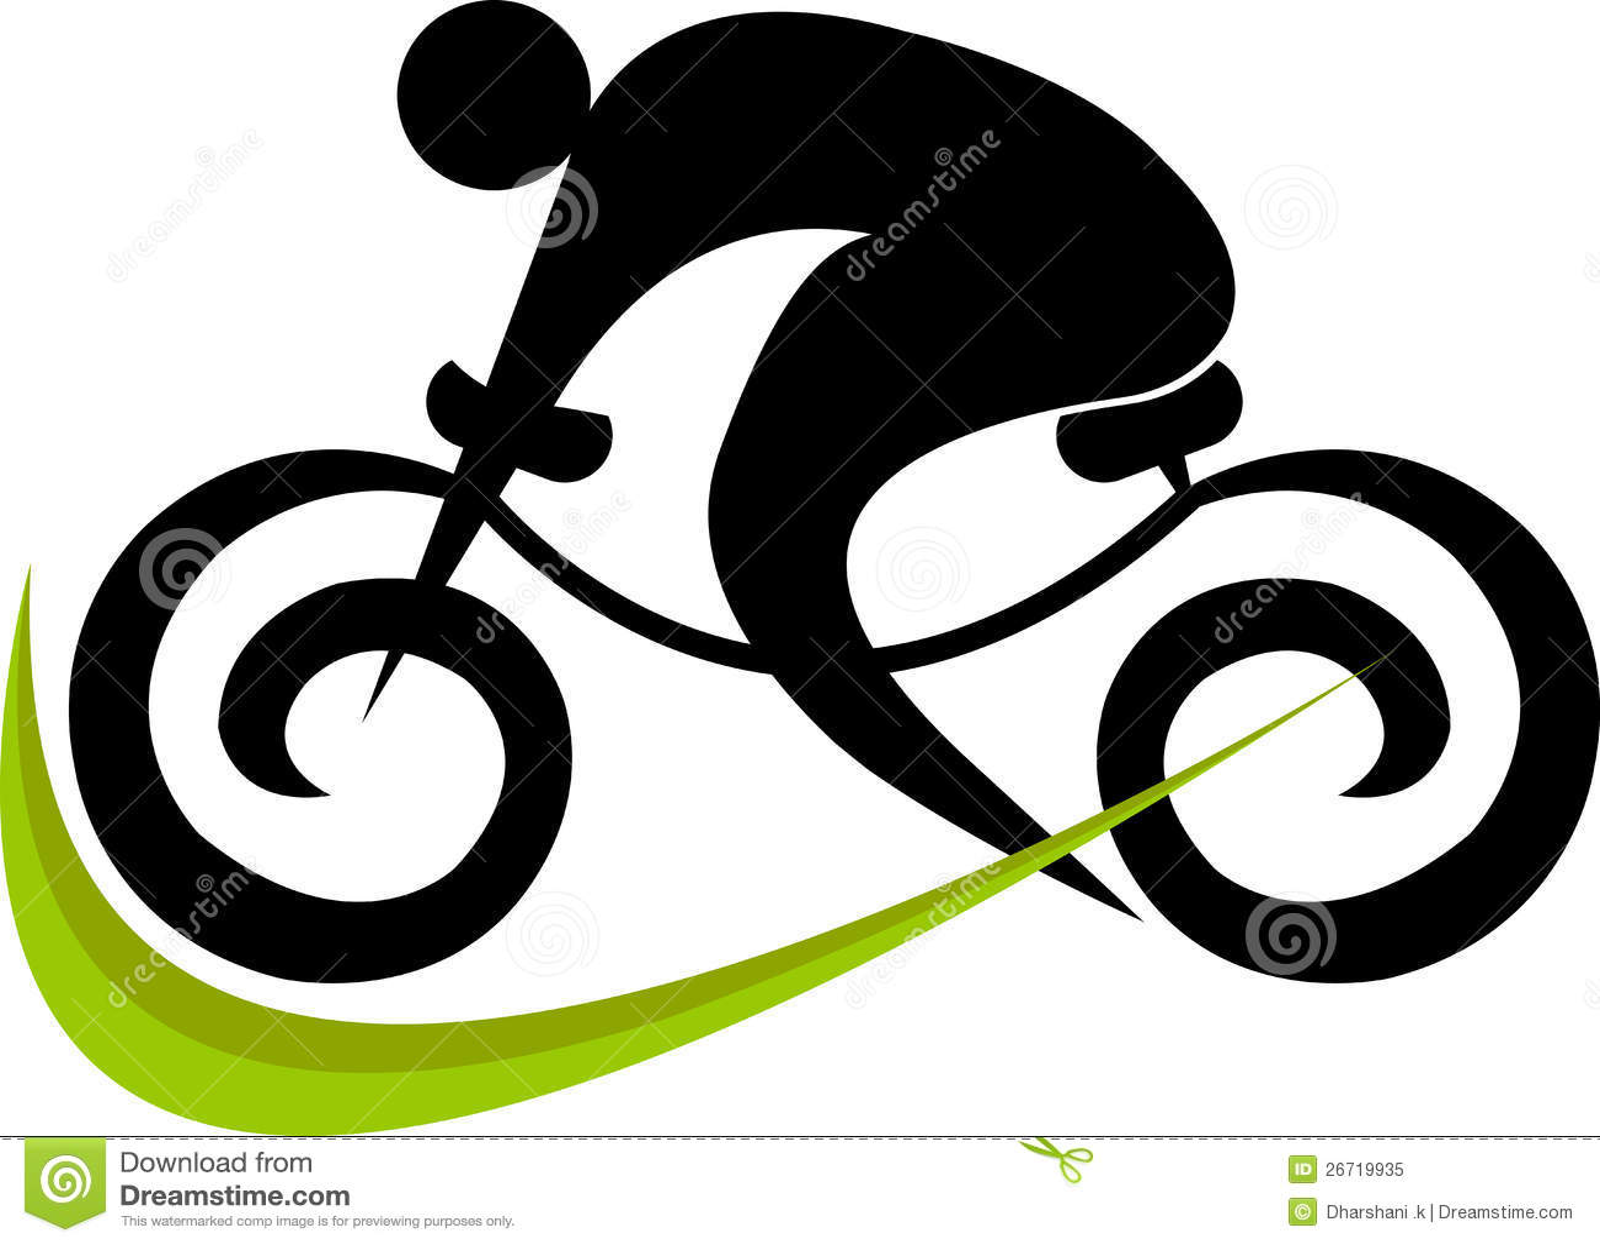 循环的徽标